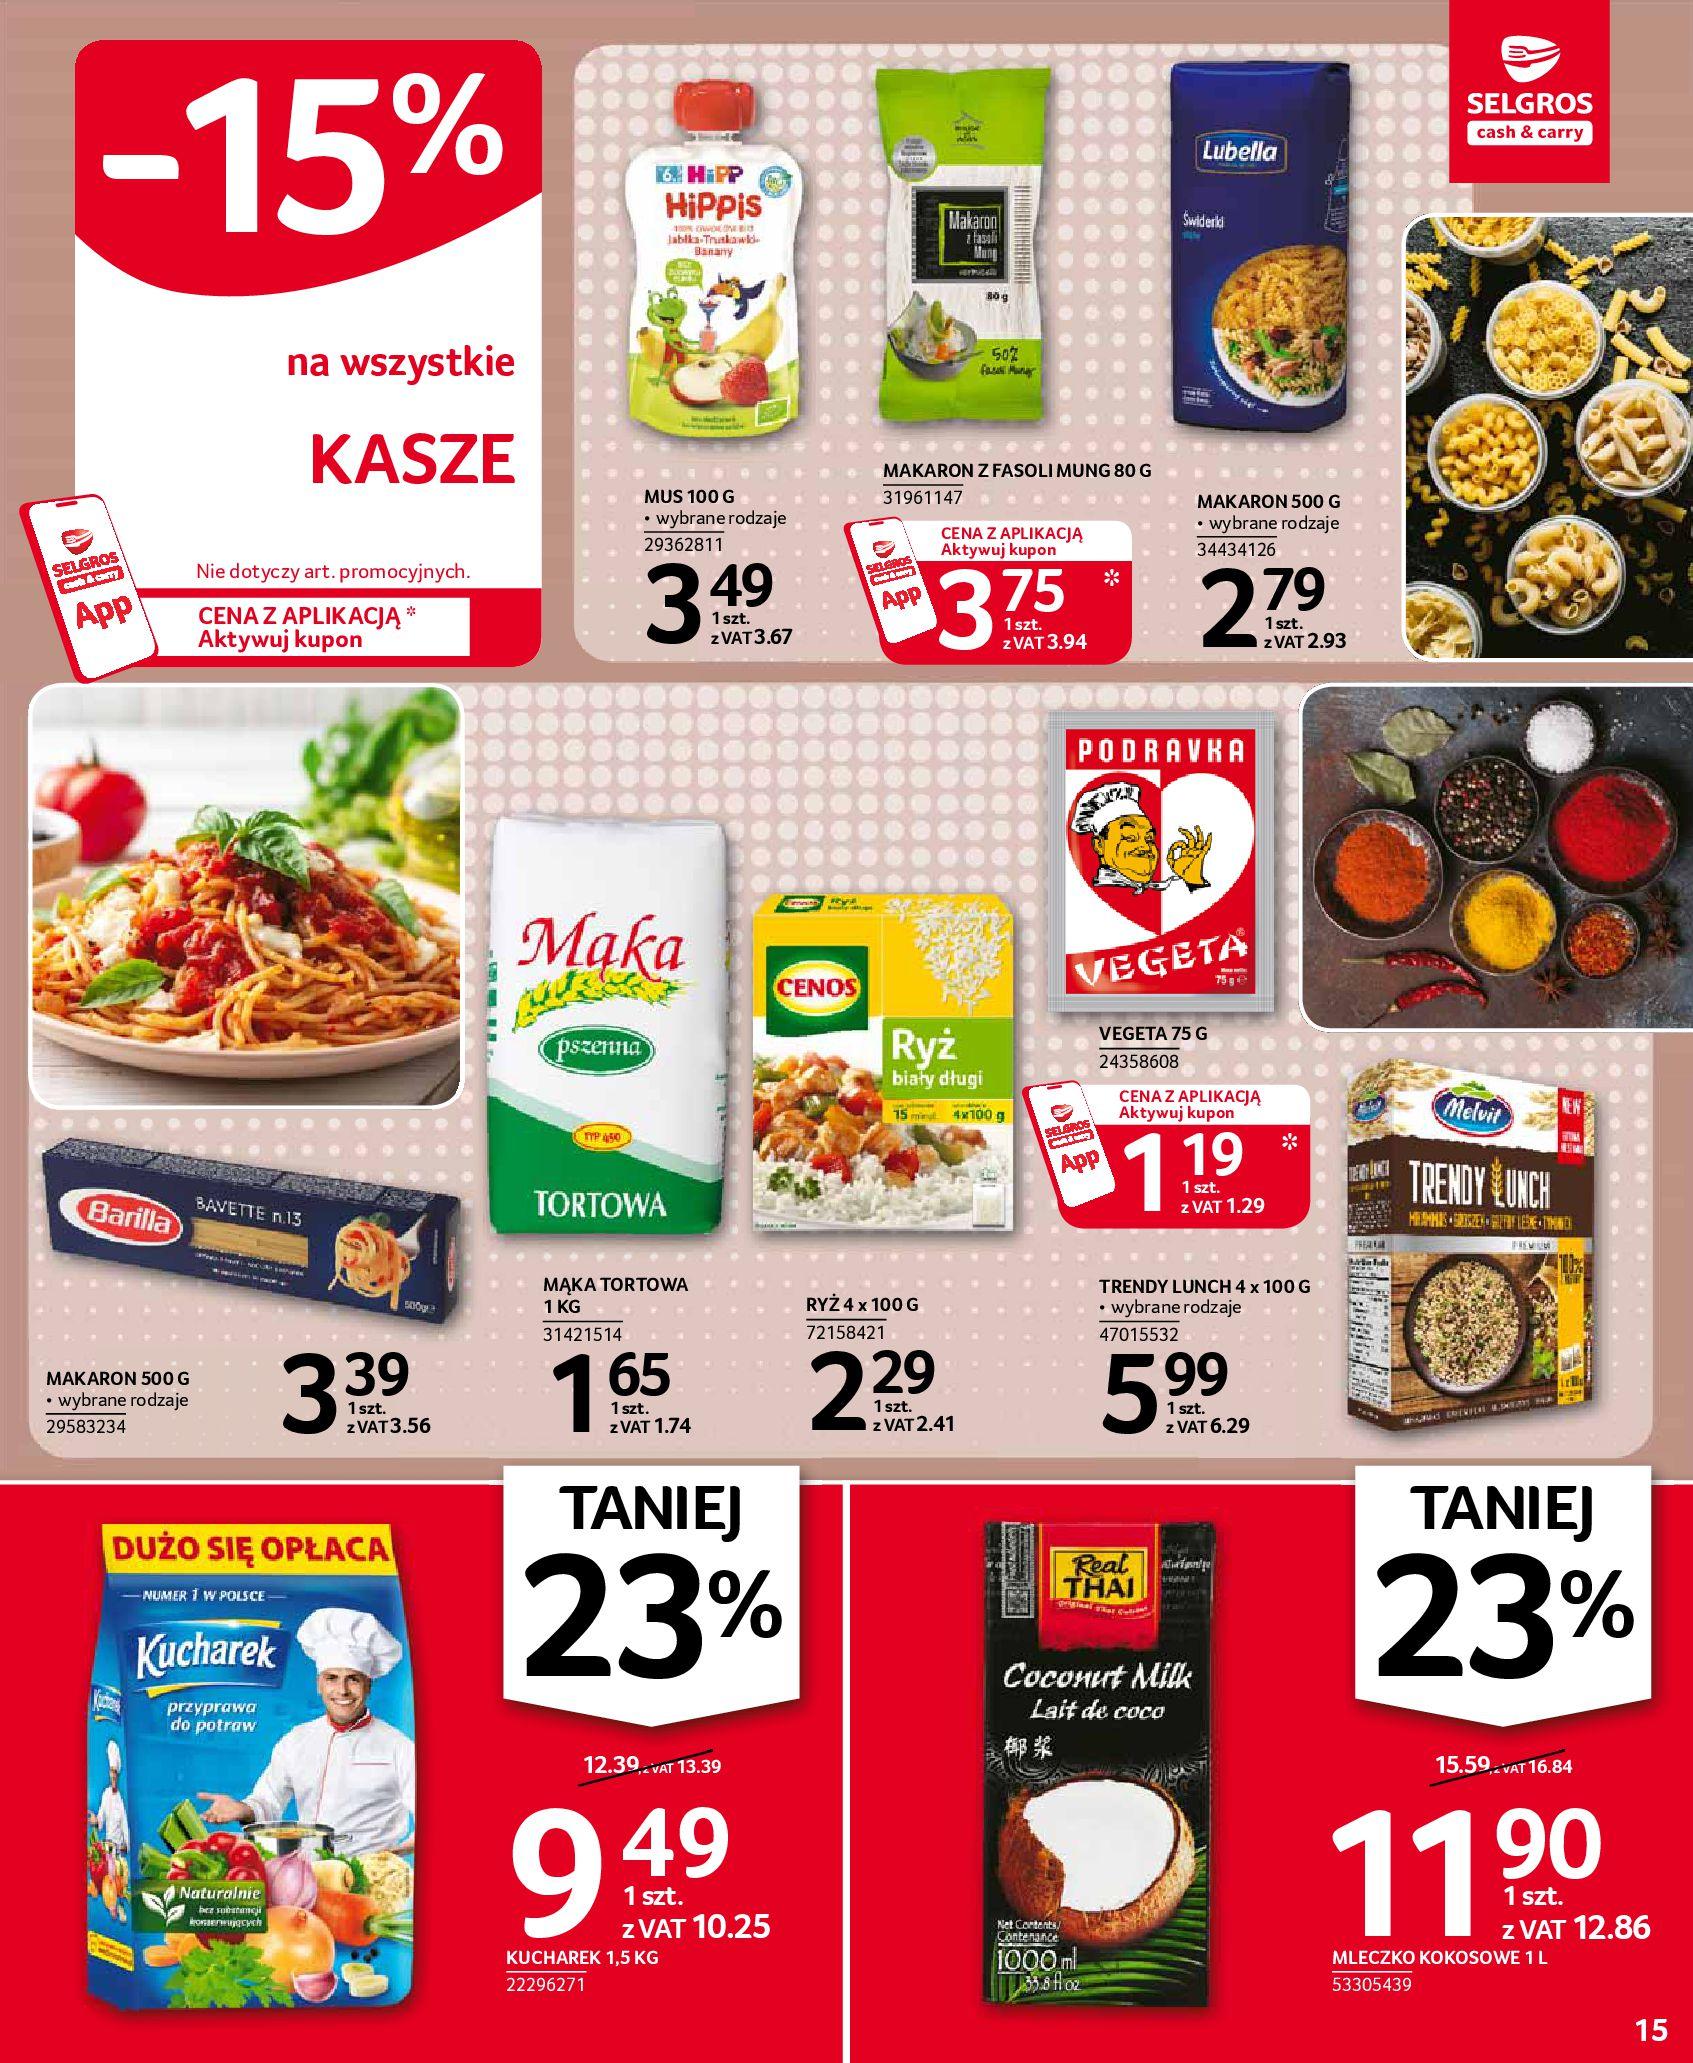 Gazetka Selgros: Oferta spożywcza 2021-01-07 page-15